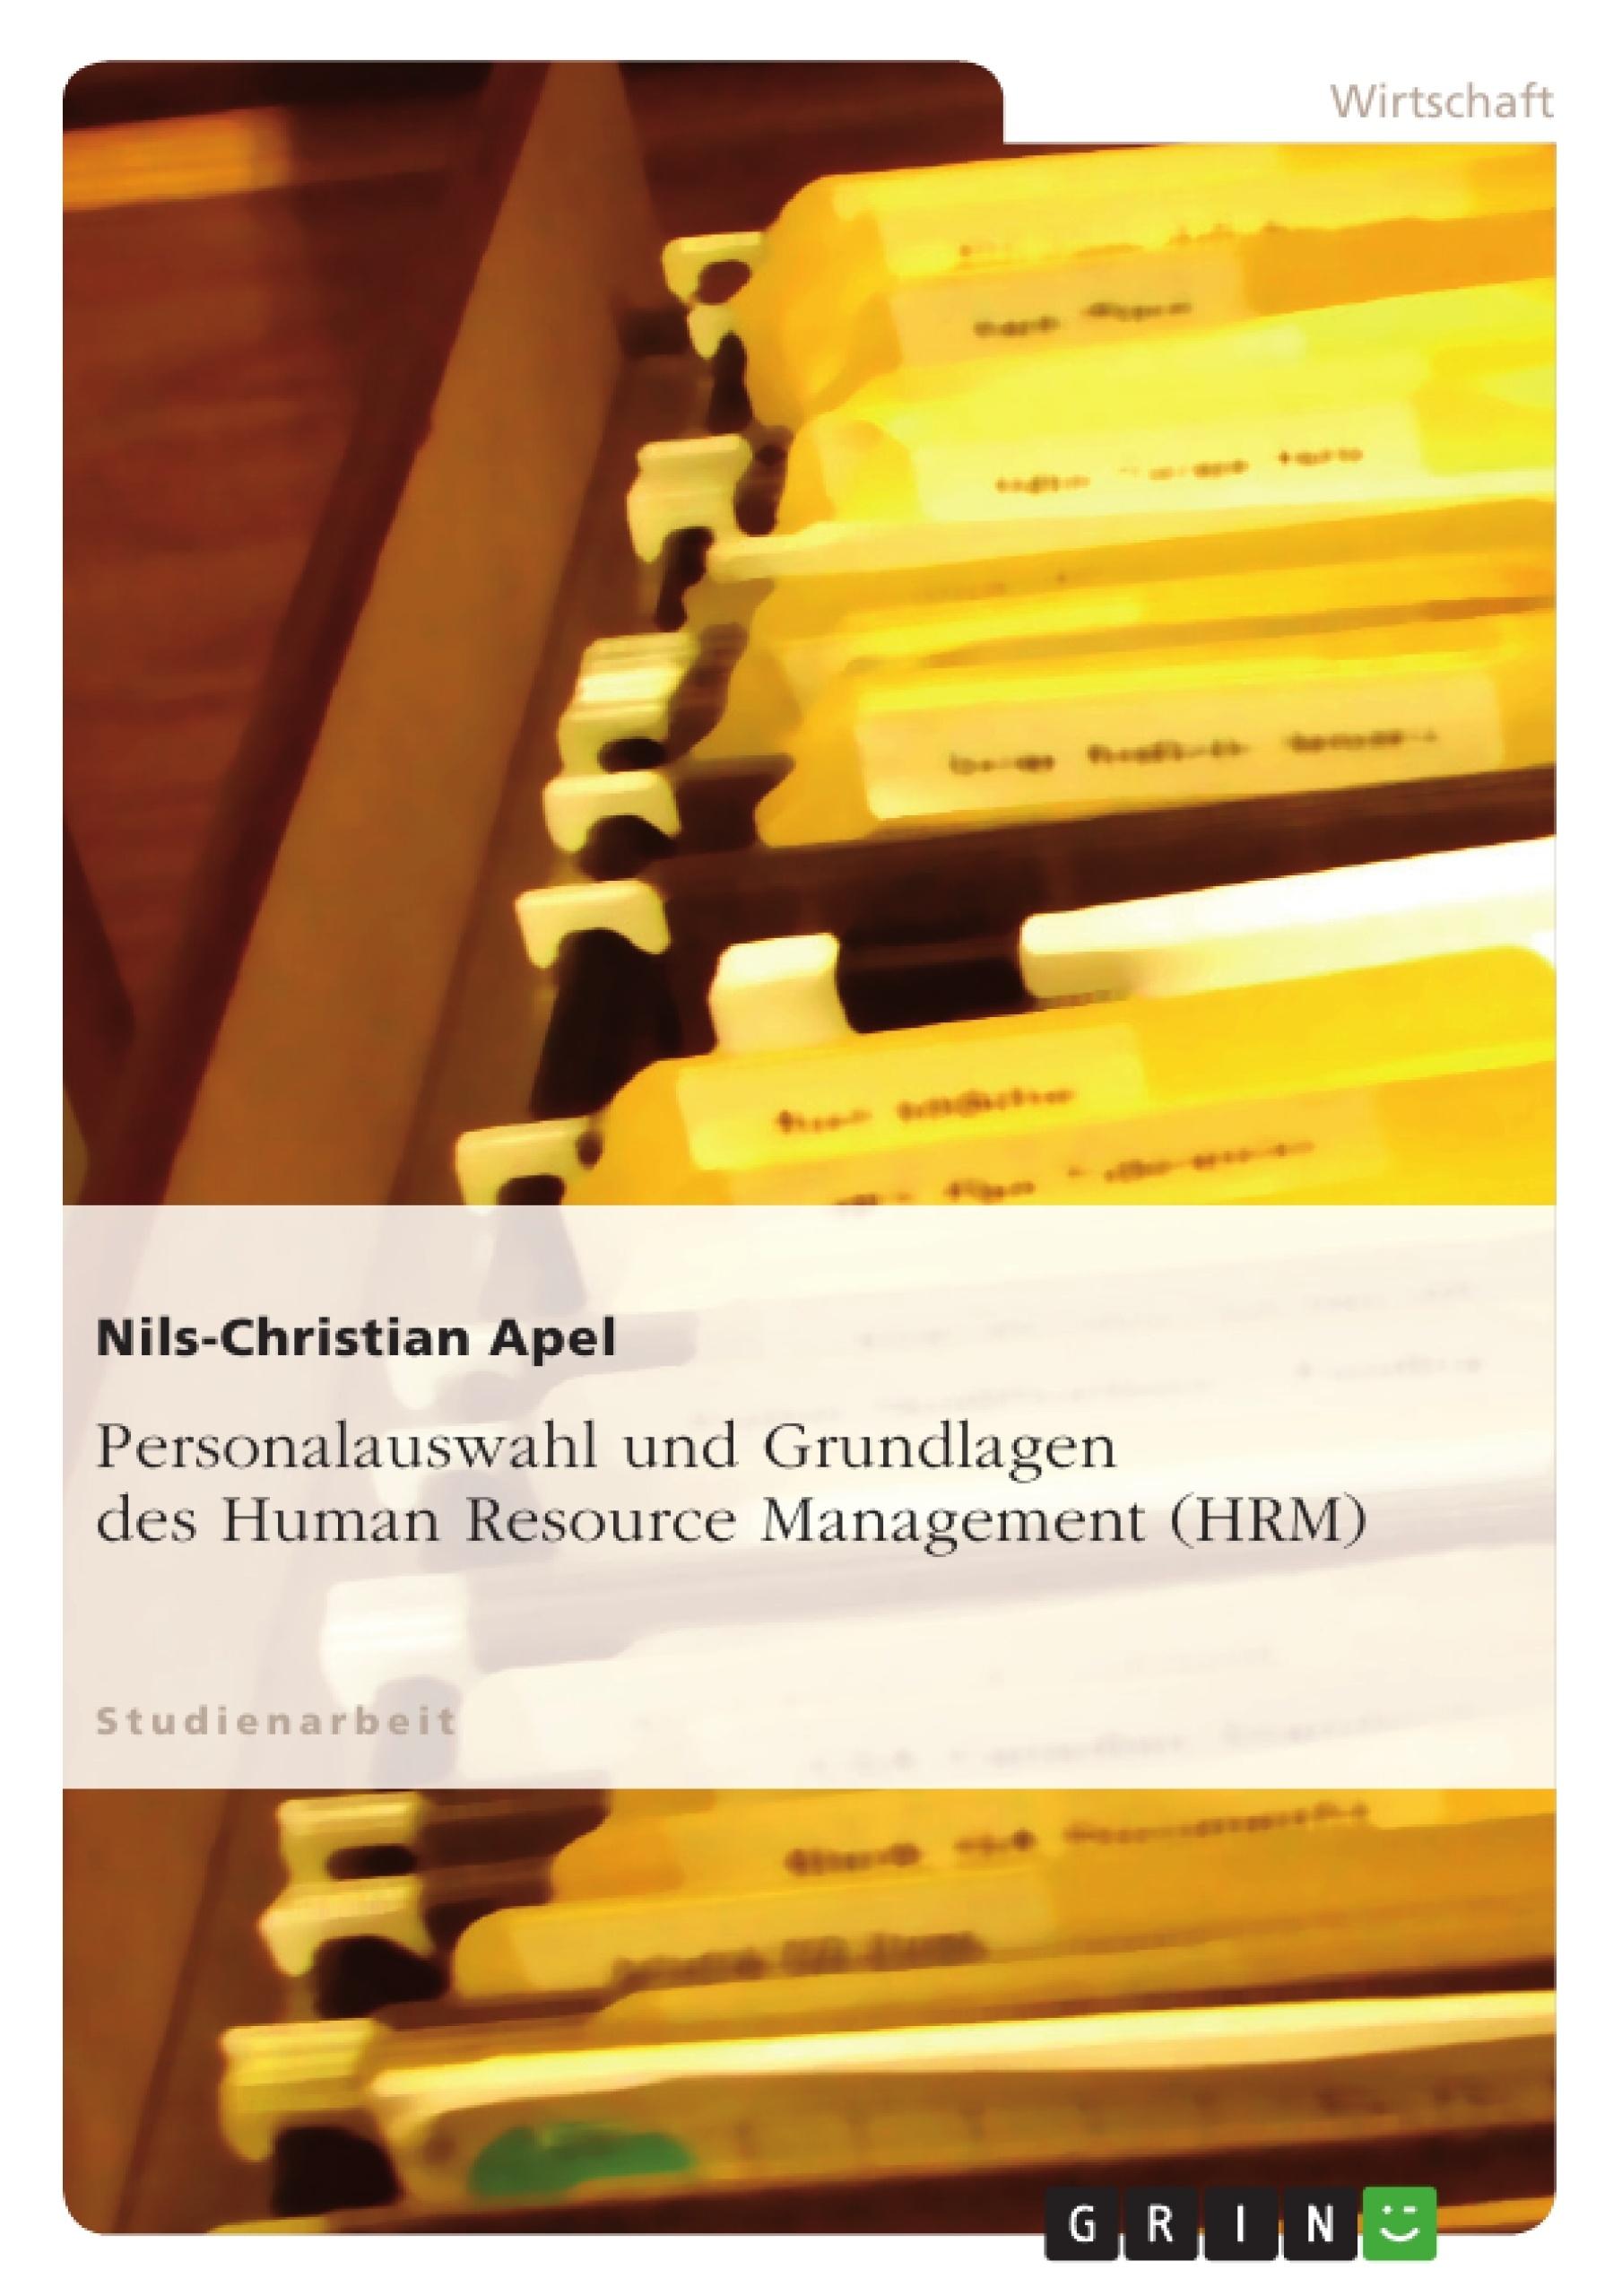 Titel: Personalauswahl und Grundlagen des Human Resource Management (HRM)